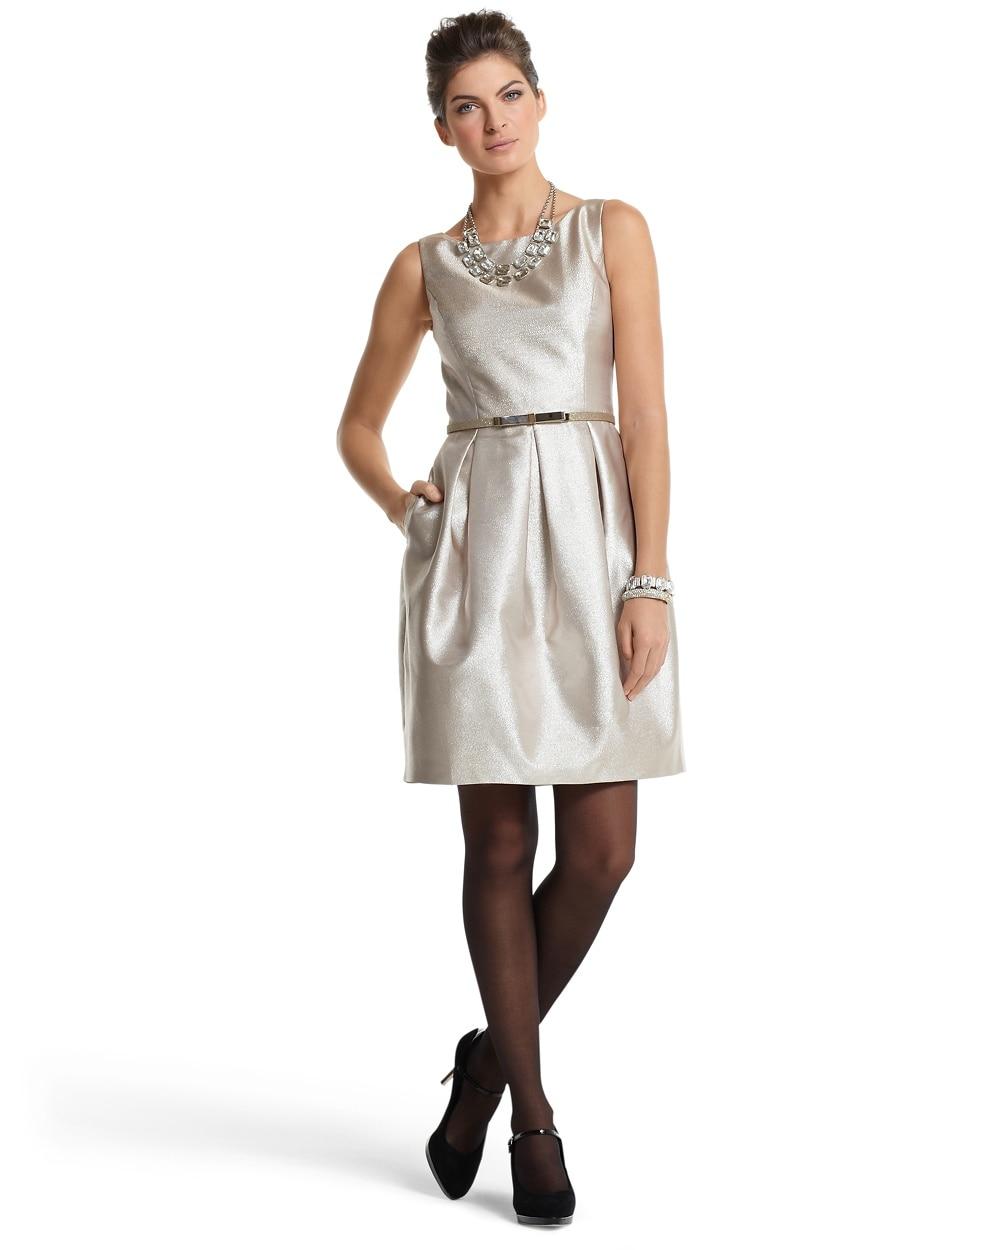 Gold Tulip-Skirt Dress - White House Black Market